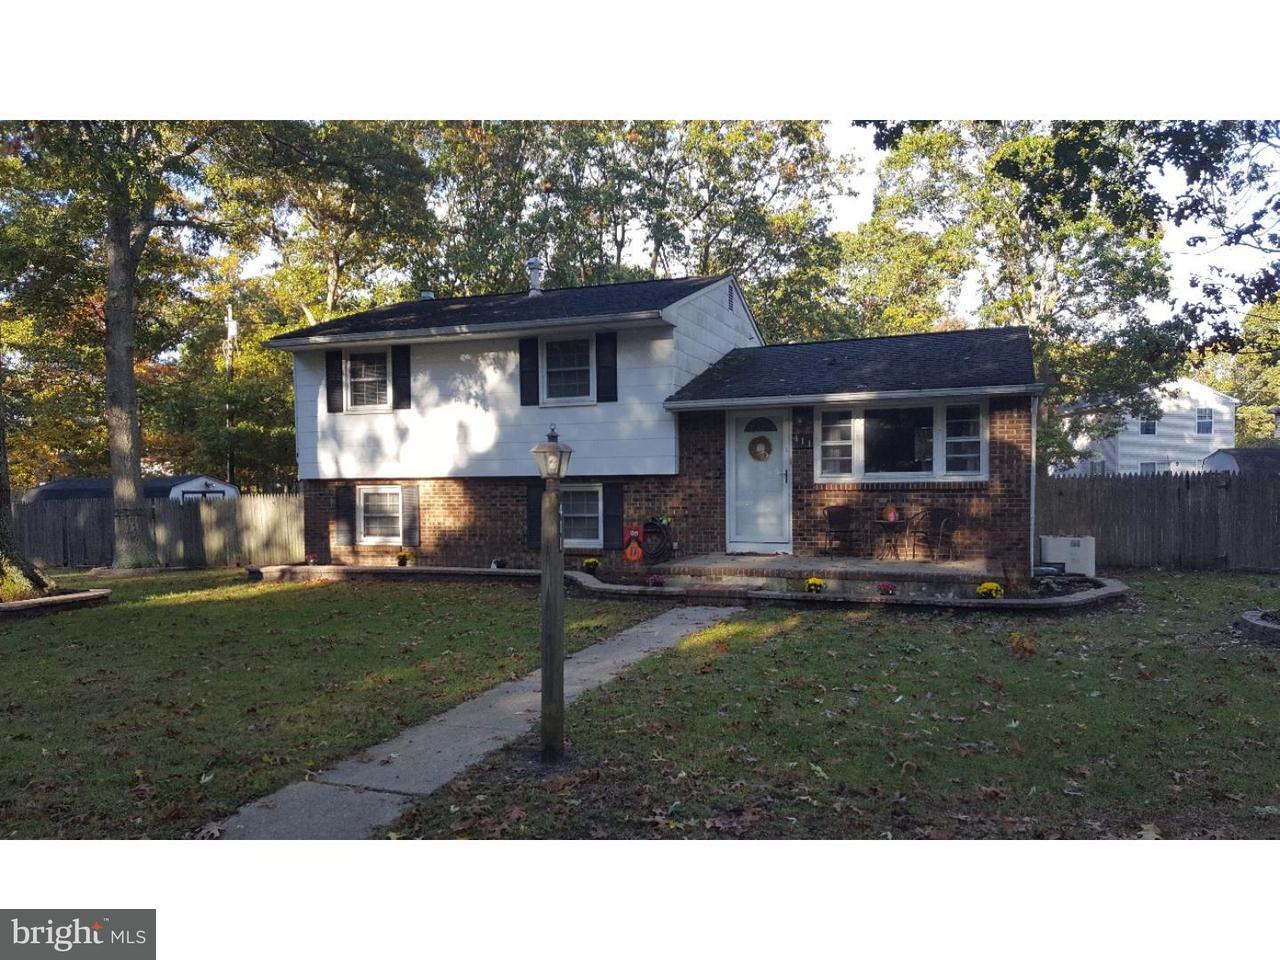 独户住宅 为 销售 在 411 S WILLOW Avenue 加洛韦, 新泽西州 08205 美国